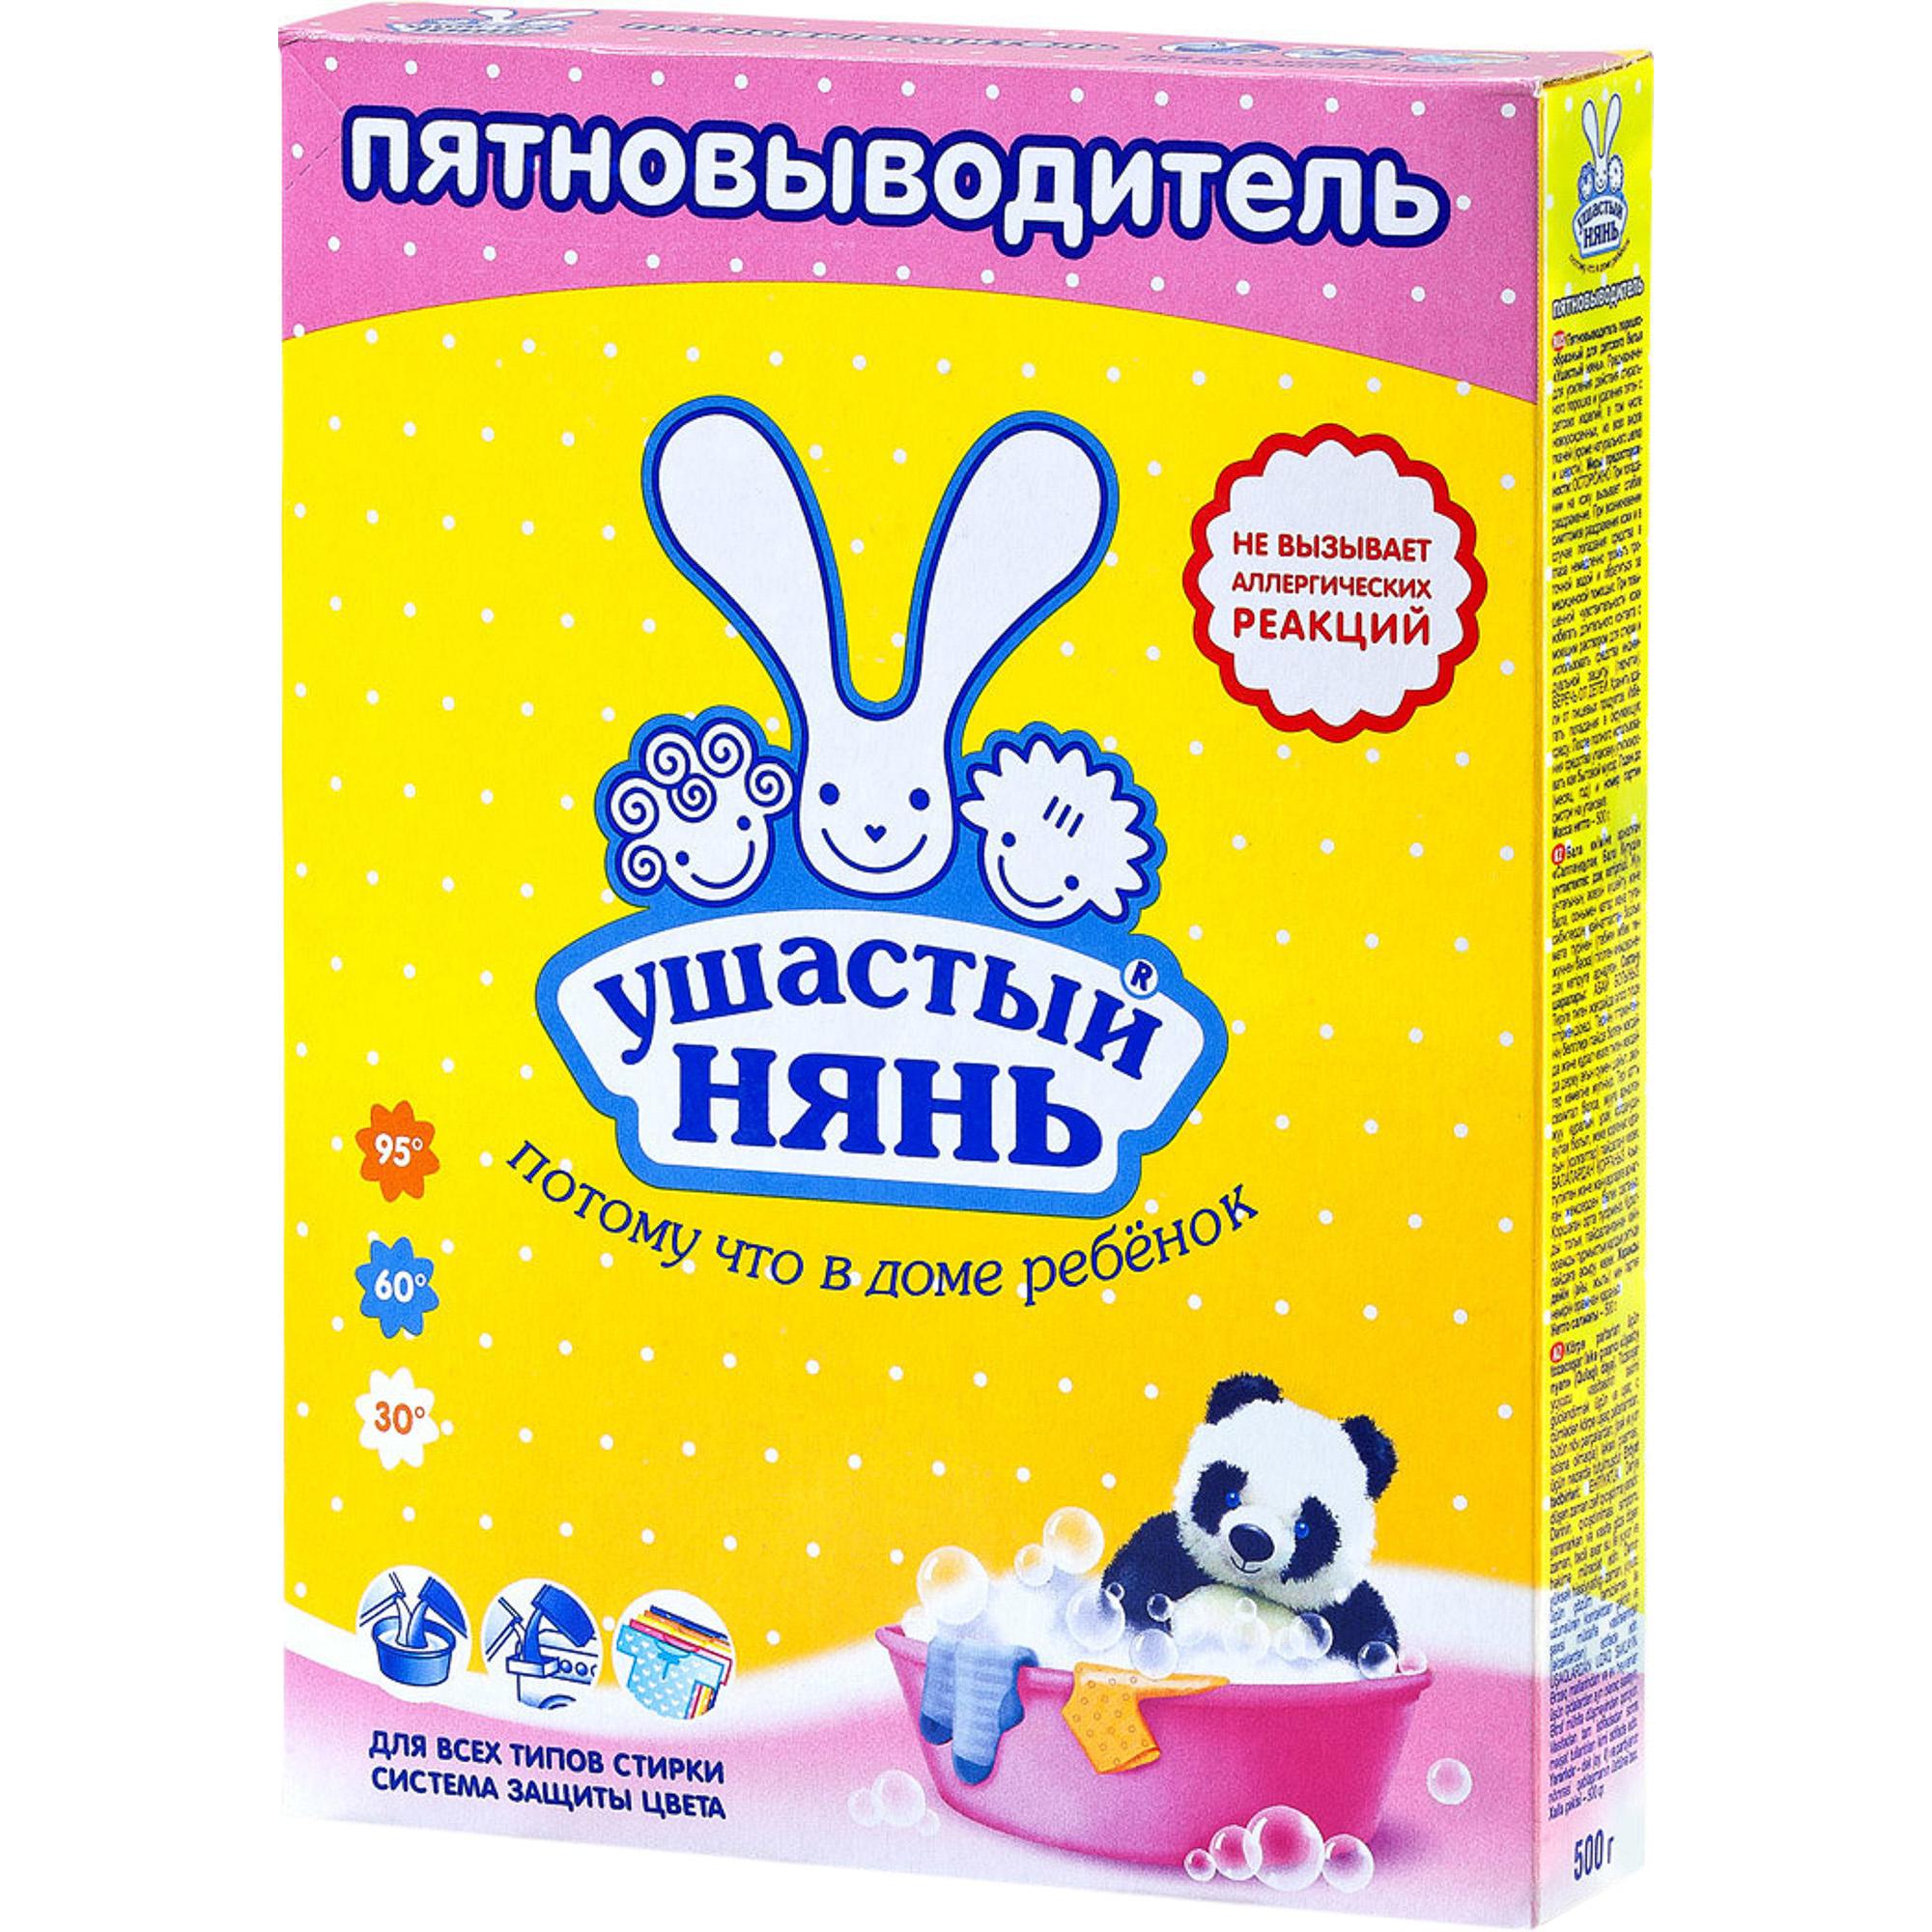 Купить Пятновыводитель Ушастый нянь Для детского белья 0, 5 кг, пятновыводитель, Россия